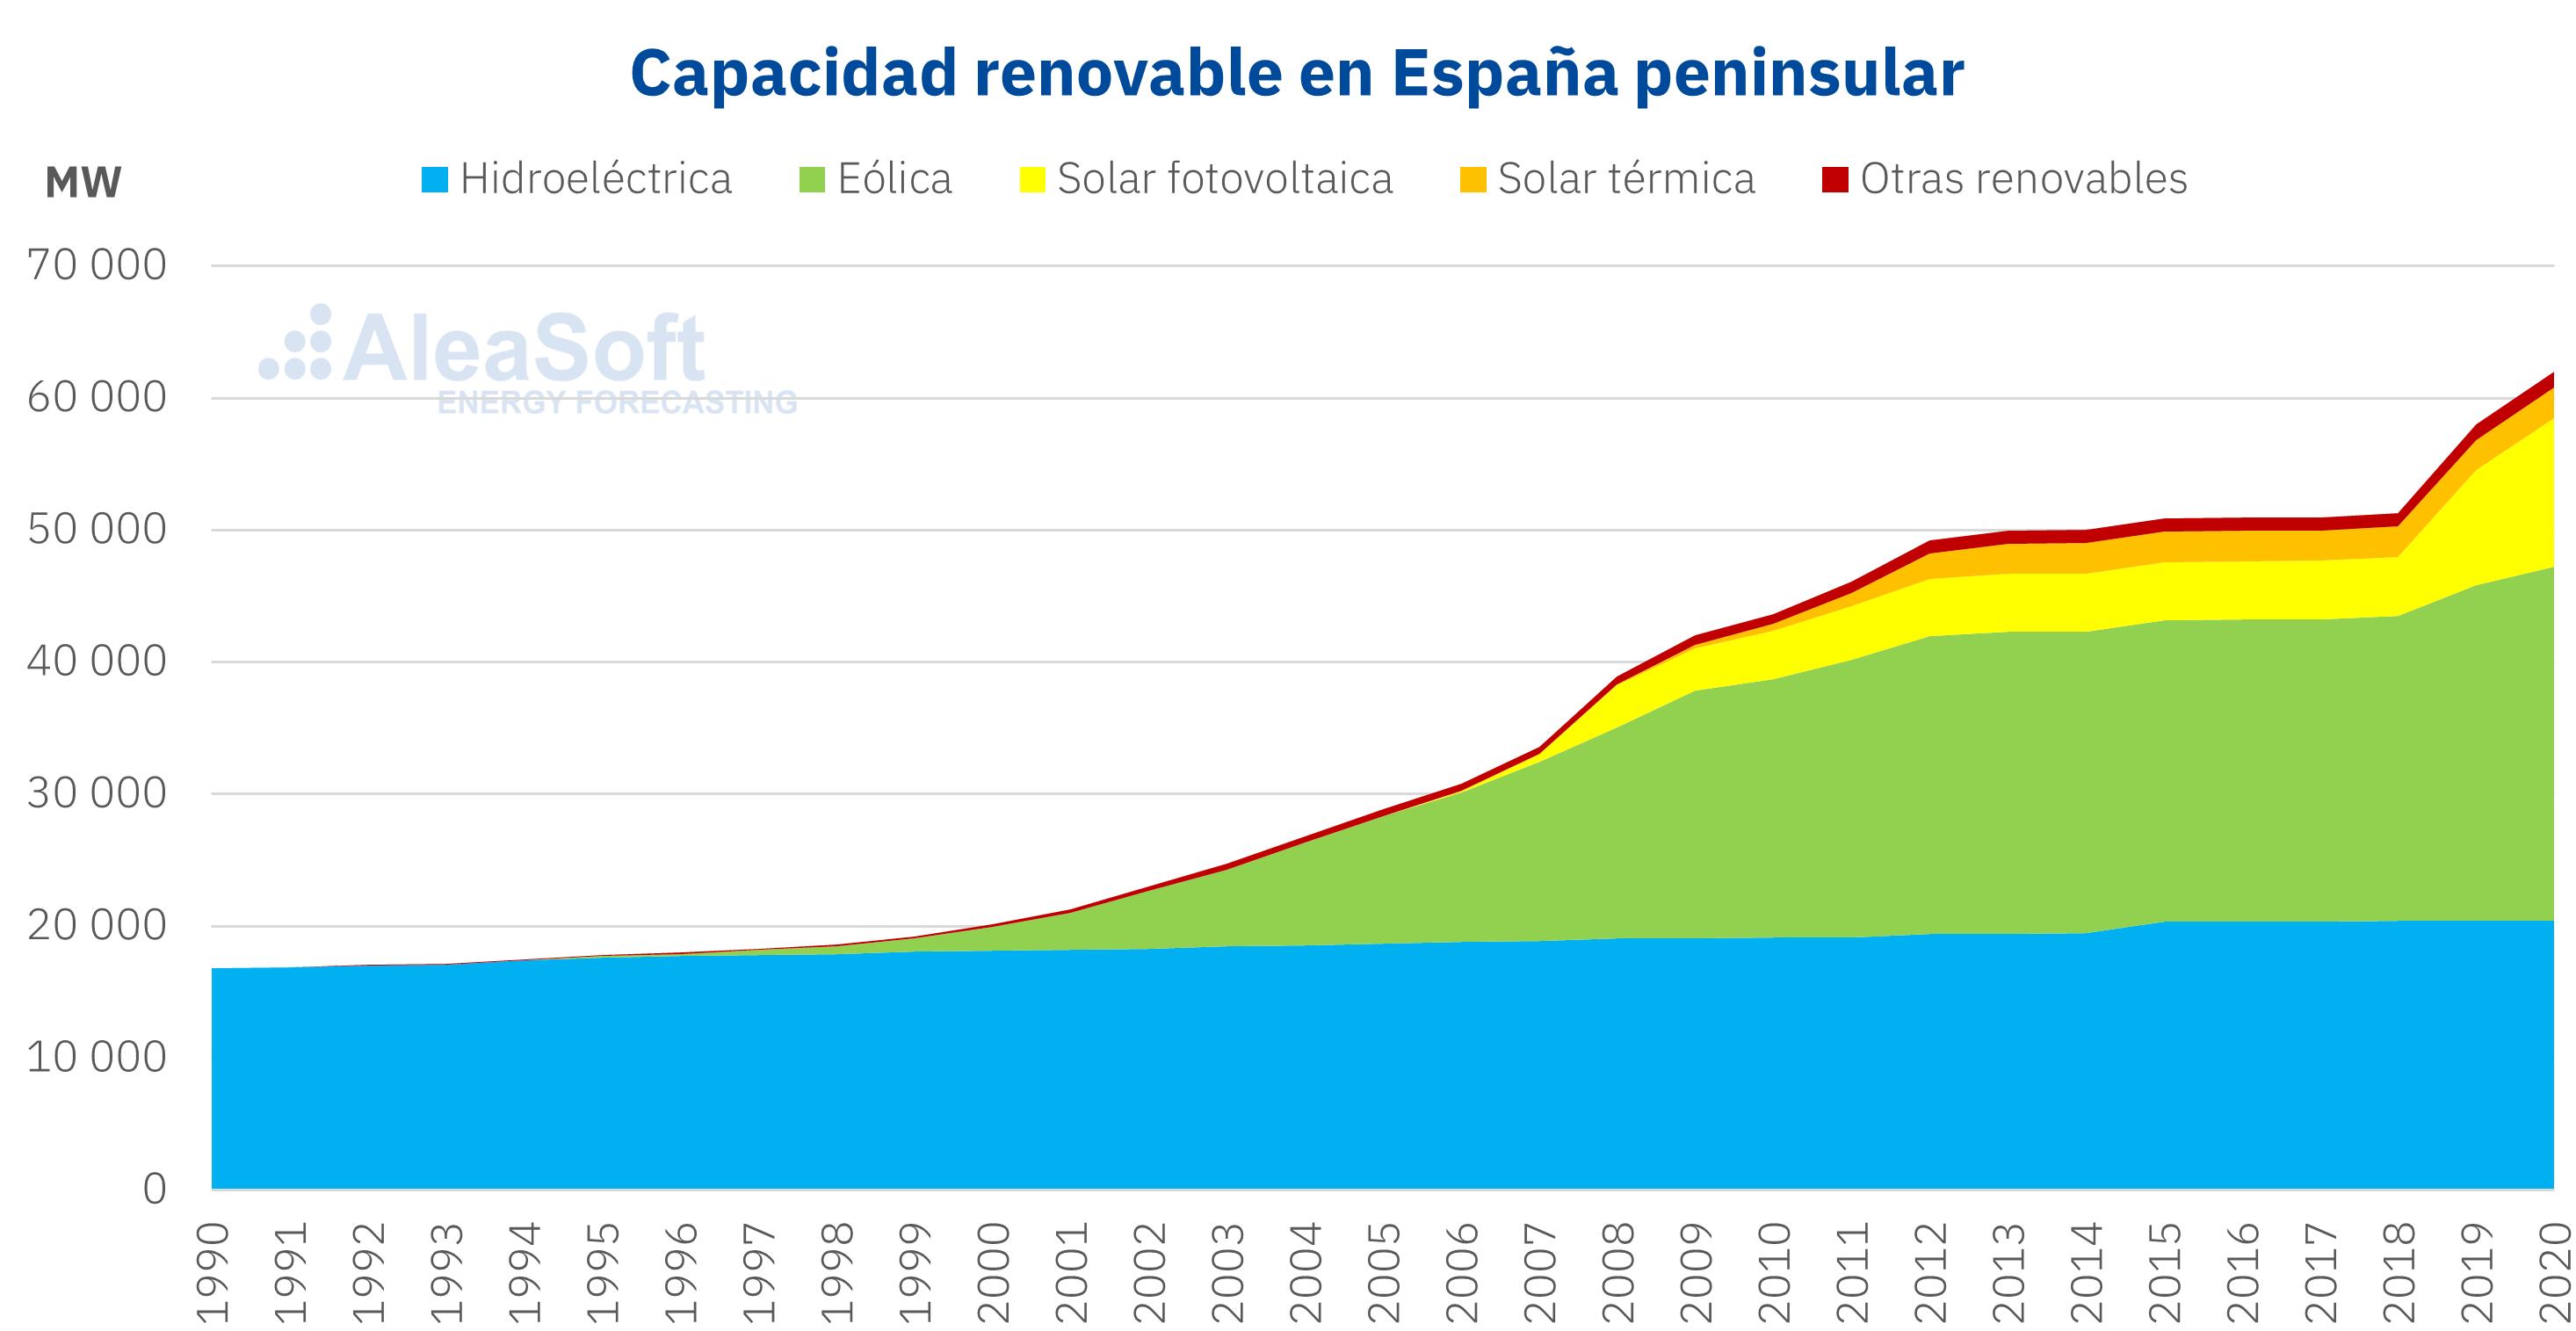 AleaSoft - Espanna capacidad energias renovables